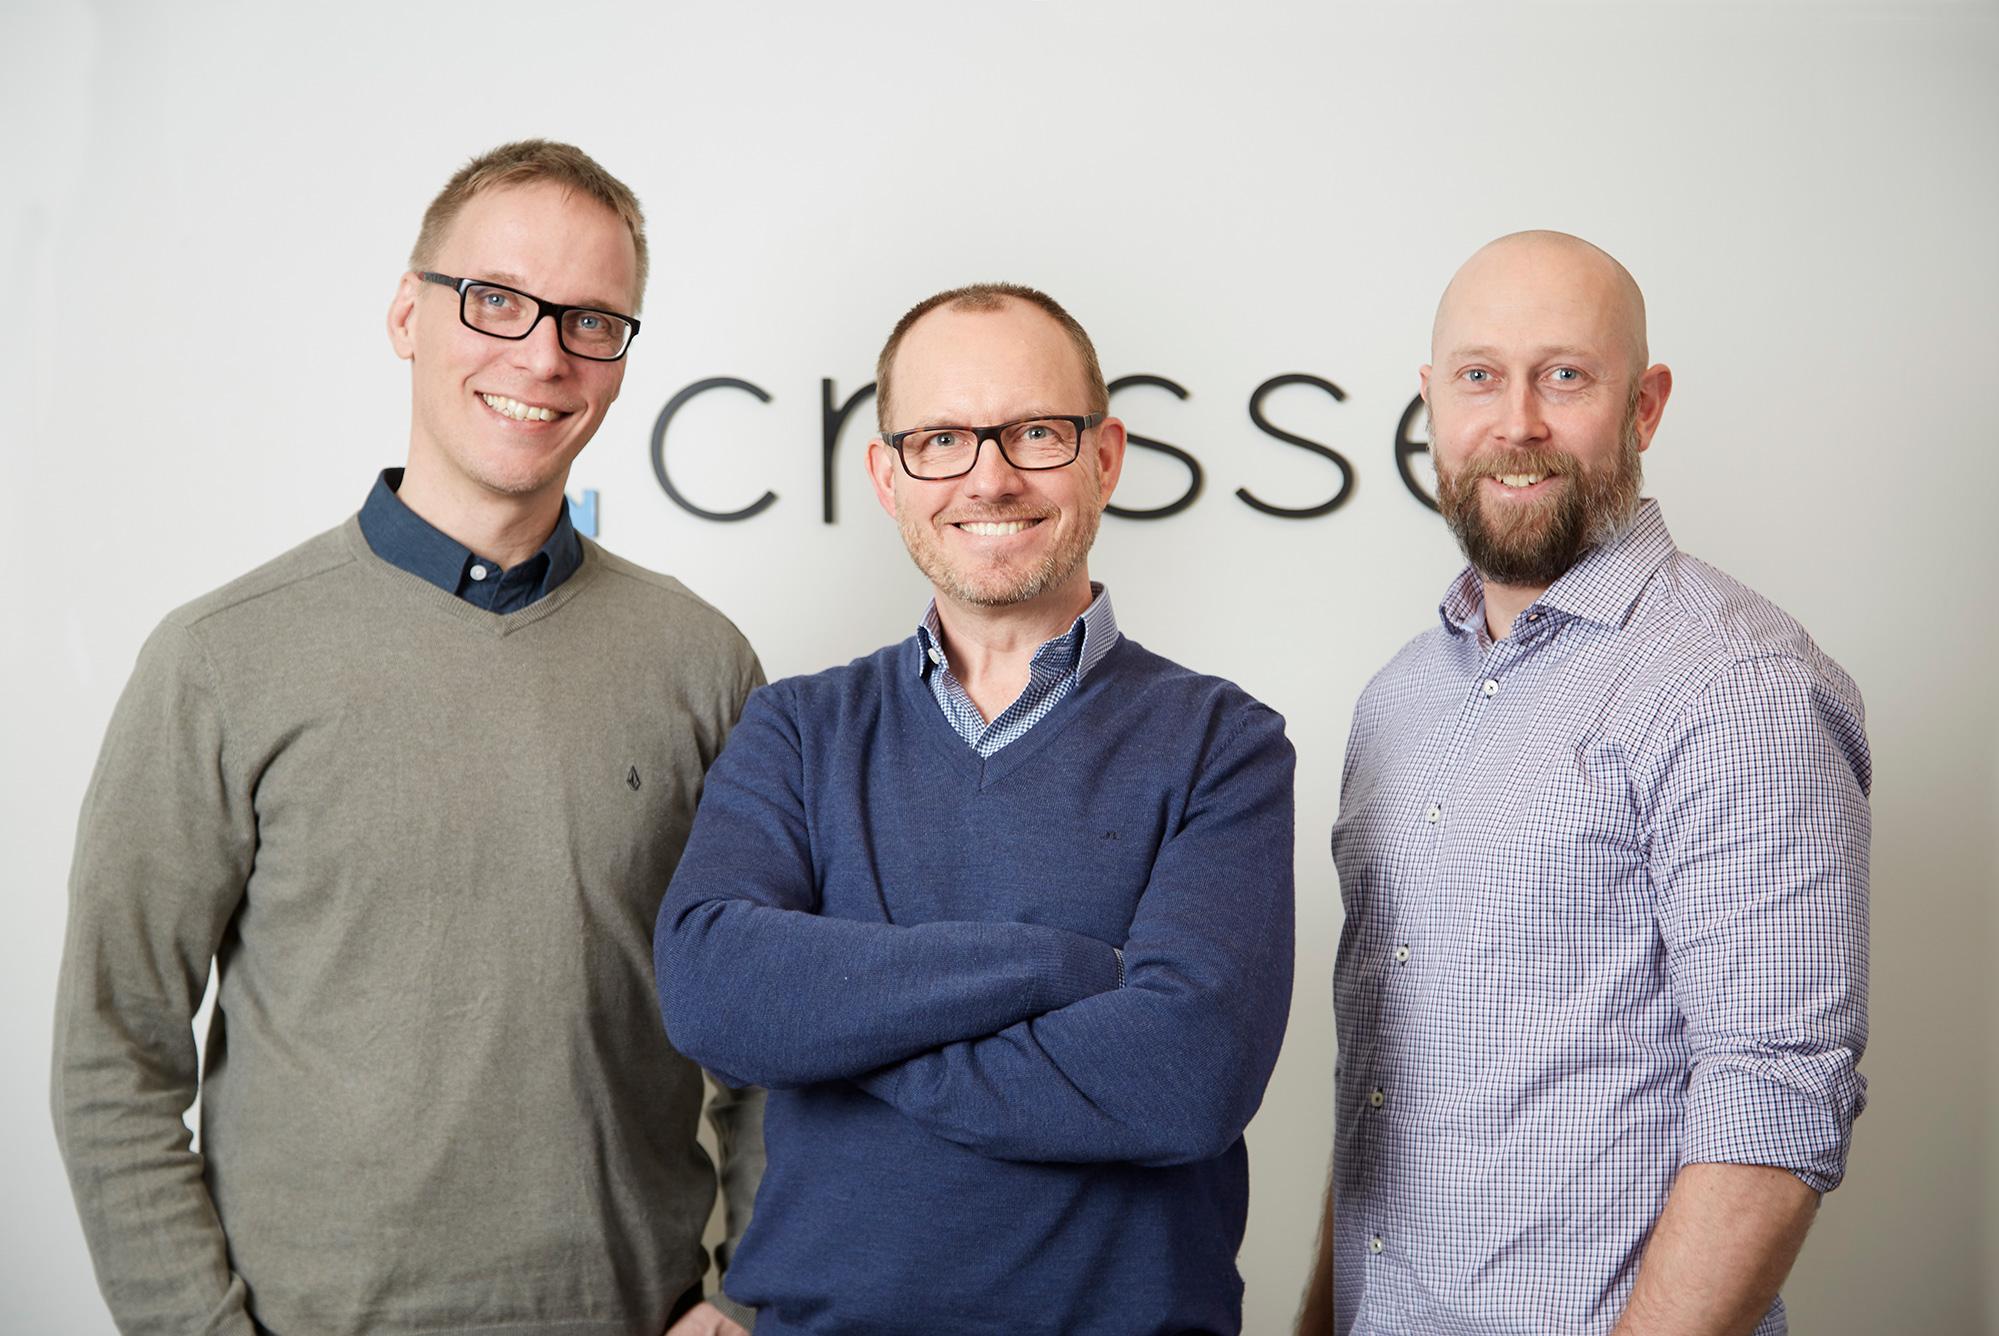 Crosser Technologies AB - pionjärer inom realtidsdata